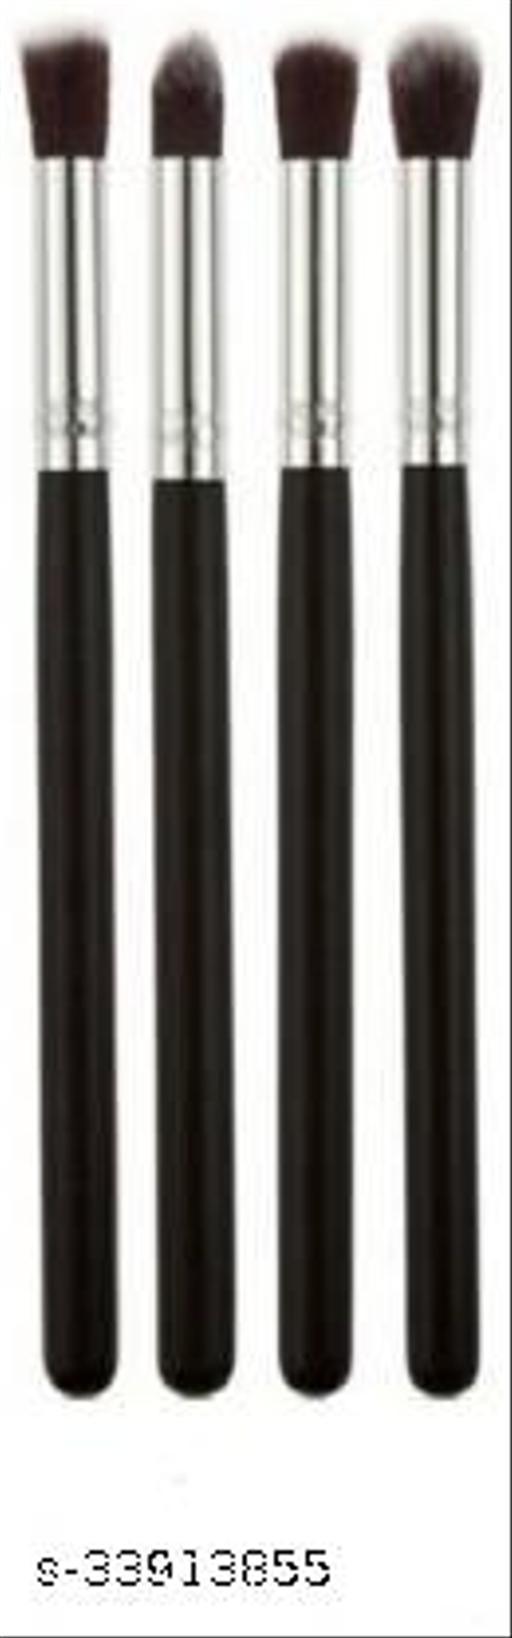 Blending Pencil Brush Set Of 4 Black